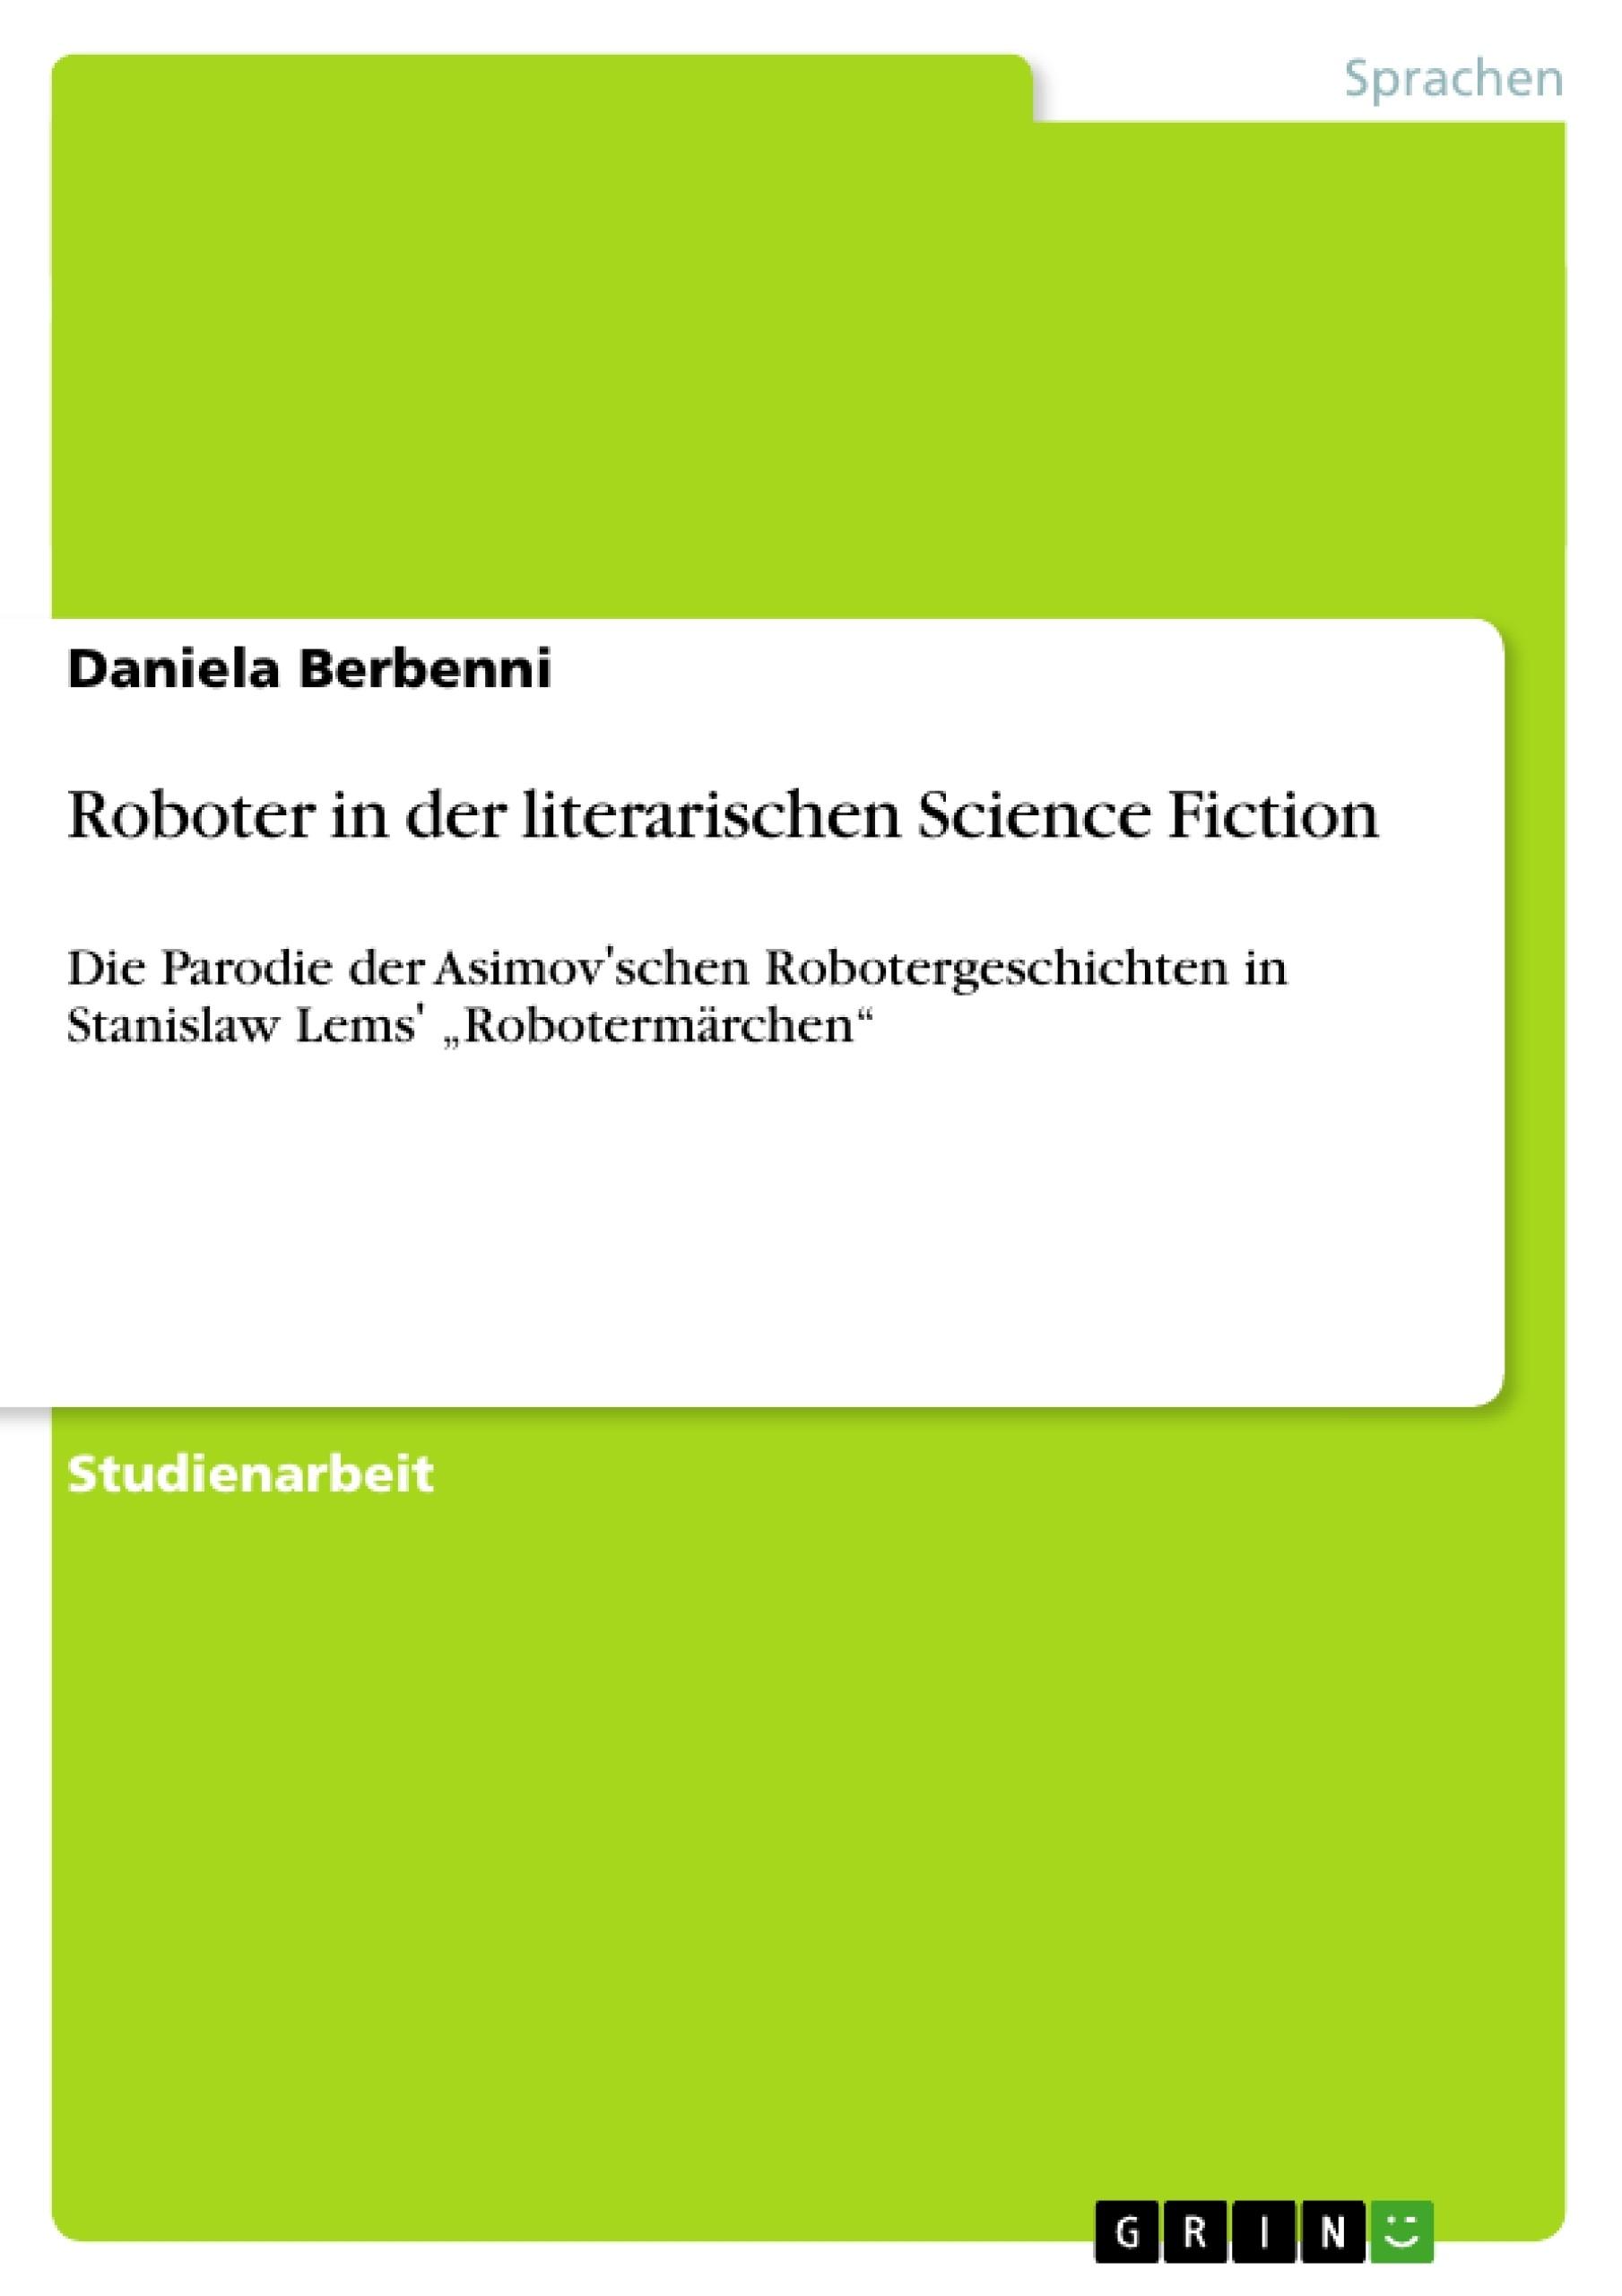 Titel: Roboter in der literarischen Science Fiction